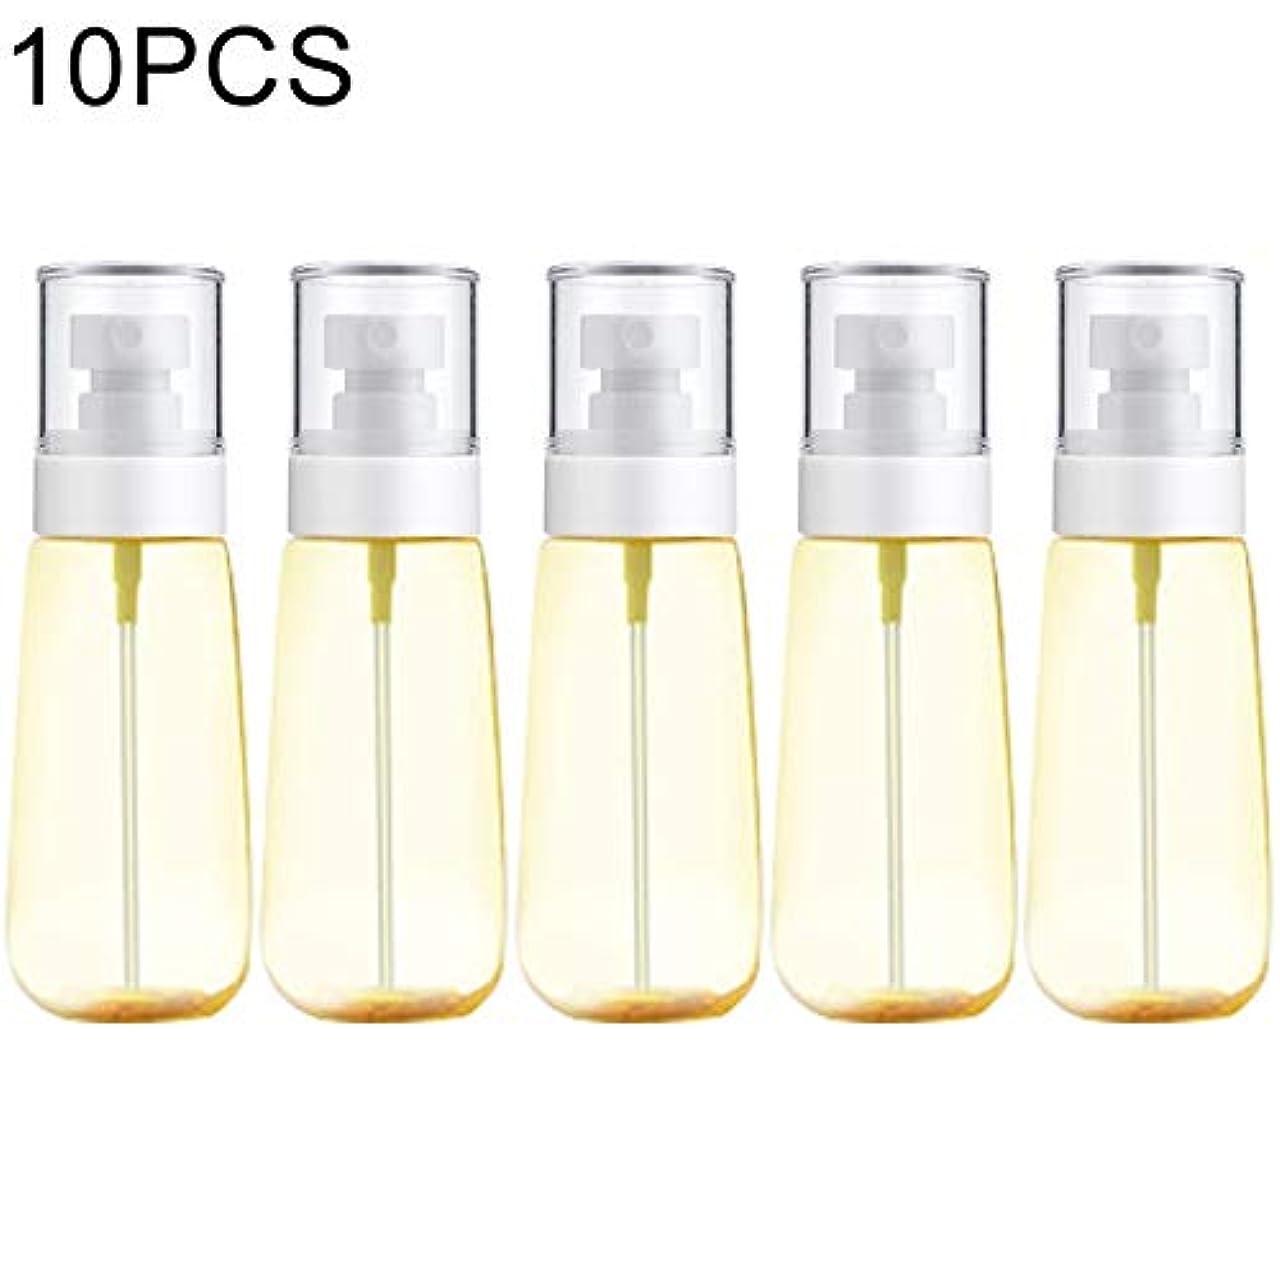 資格ハグ小さいJIANGNIJP化粧品ボトル 10 PCSポータブル詰め替えプラスチックファインミスト香水スプレーボトル透明な空スプレースプレーボトル、100ml (色 : 黄)